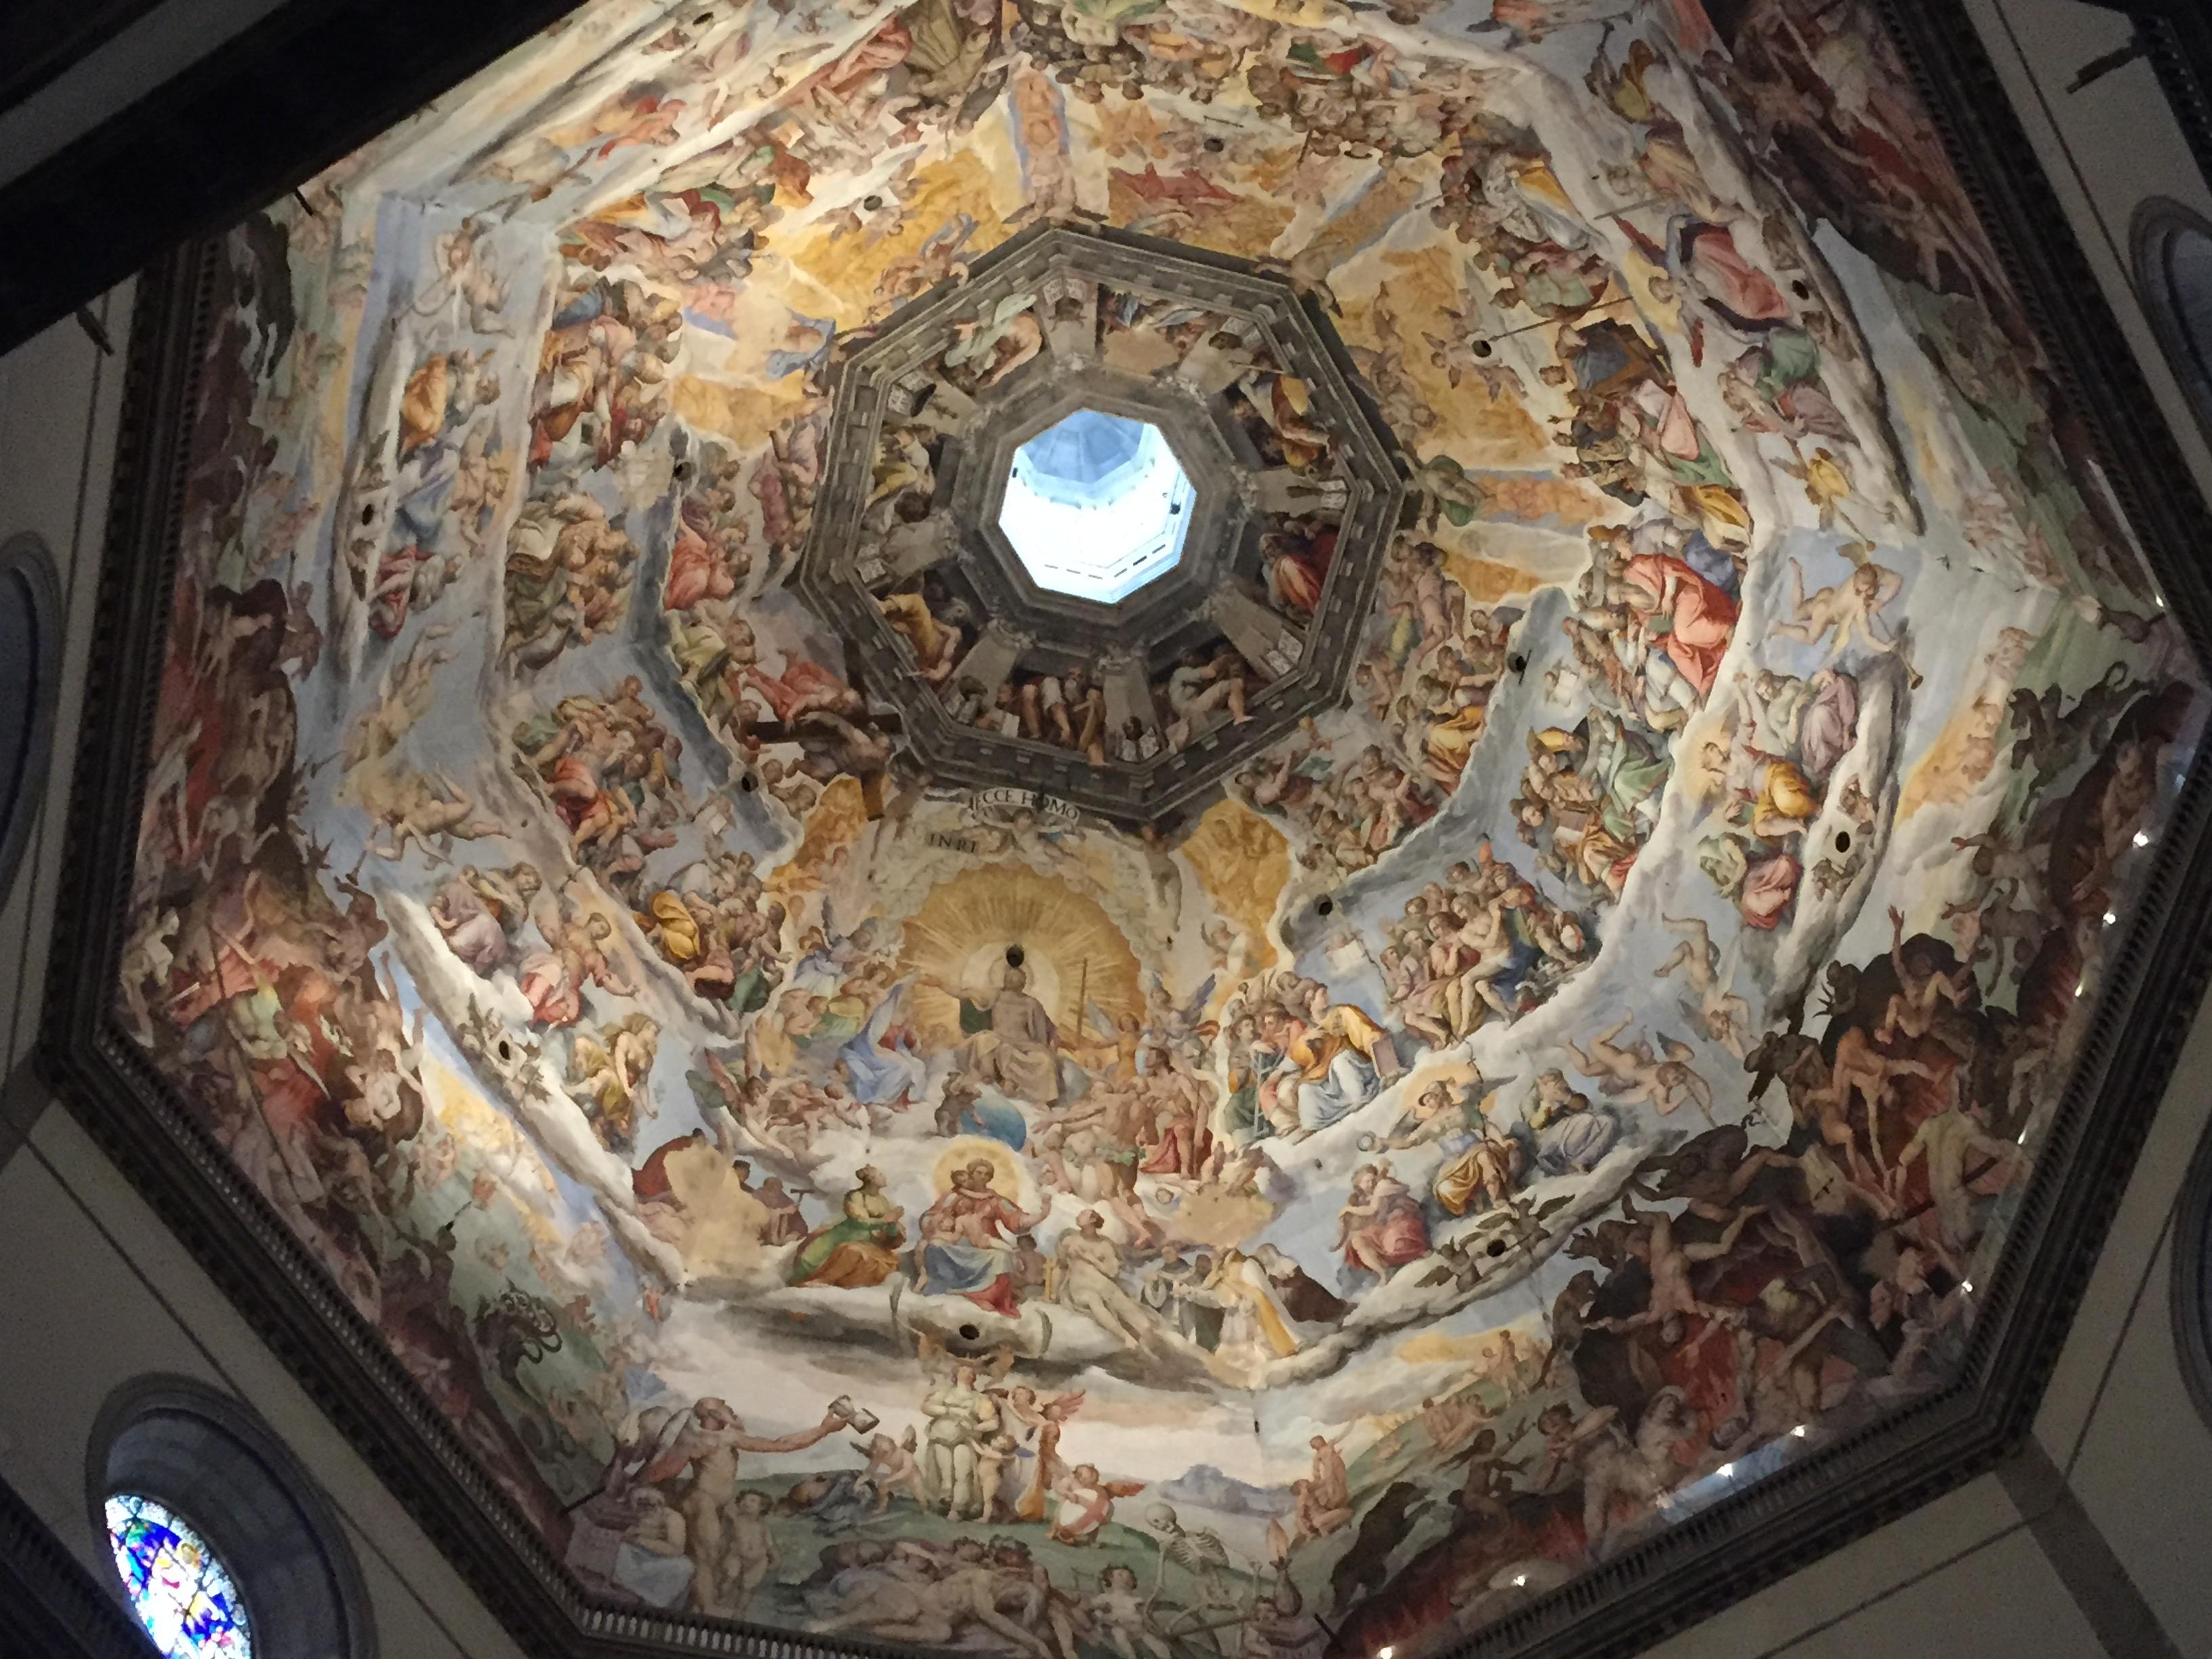 img 0855 - Visitando la Catedral Santa Maria del Fiore de Florencia III/III